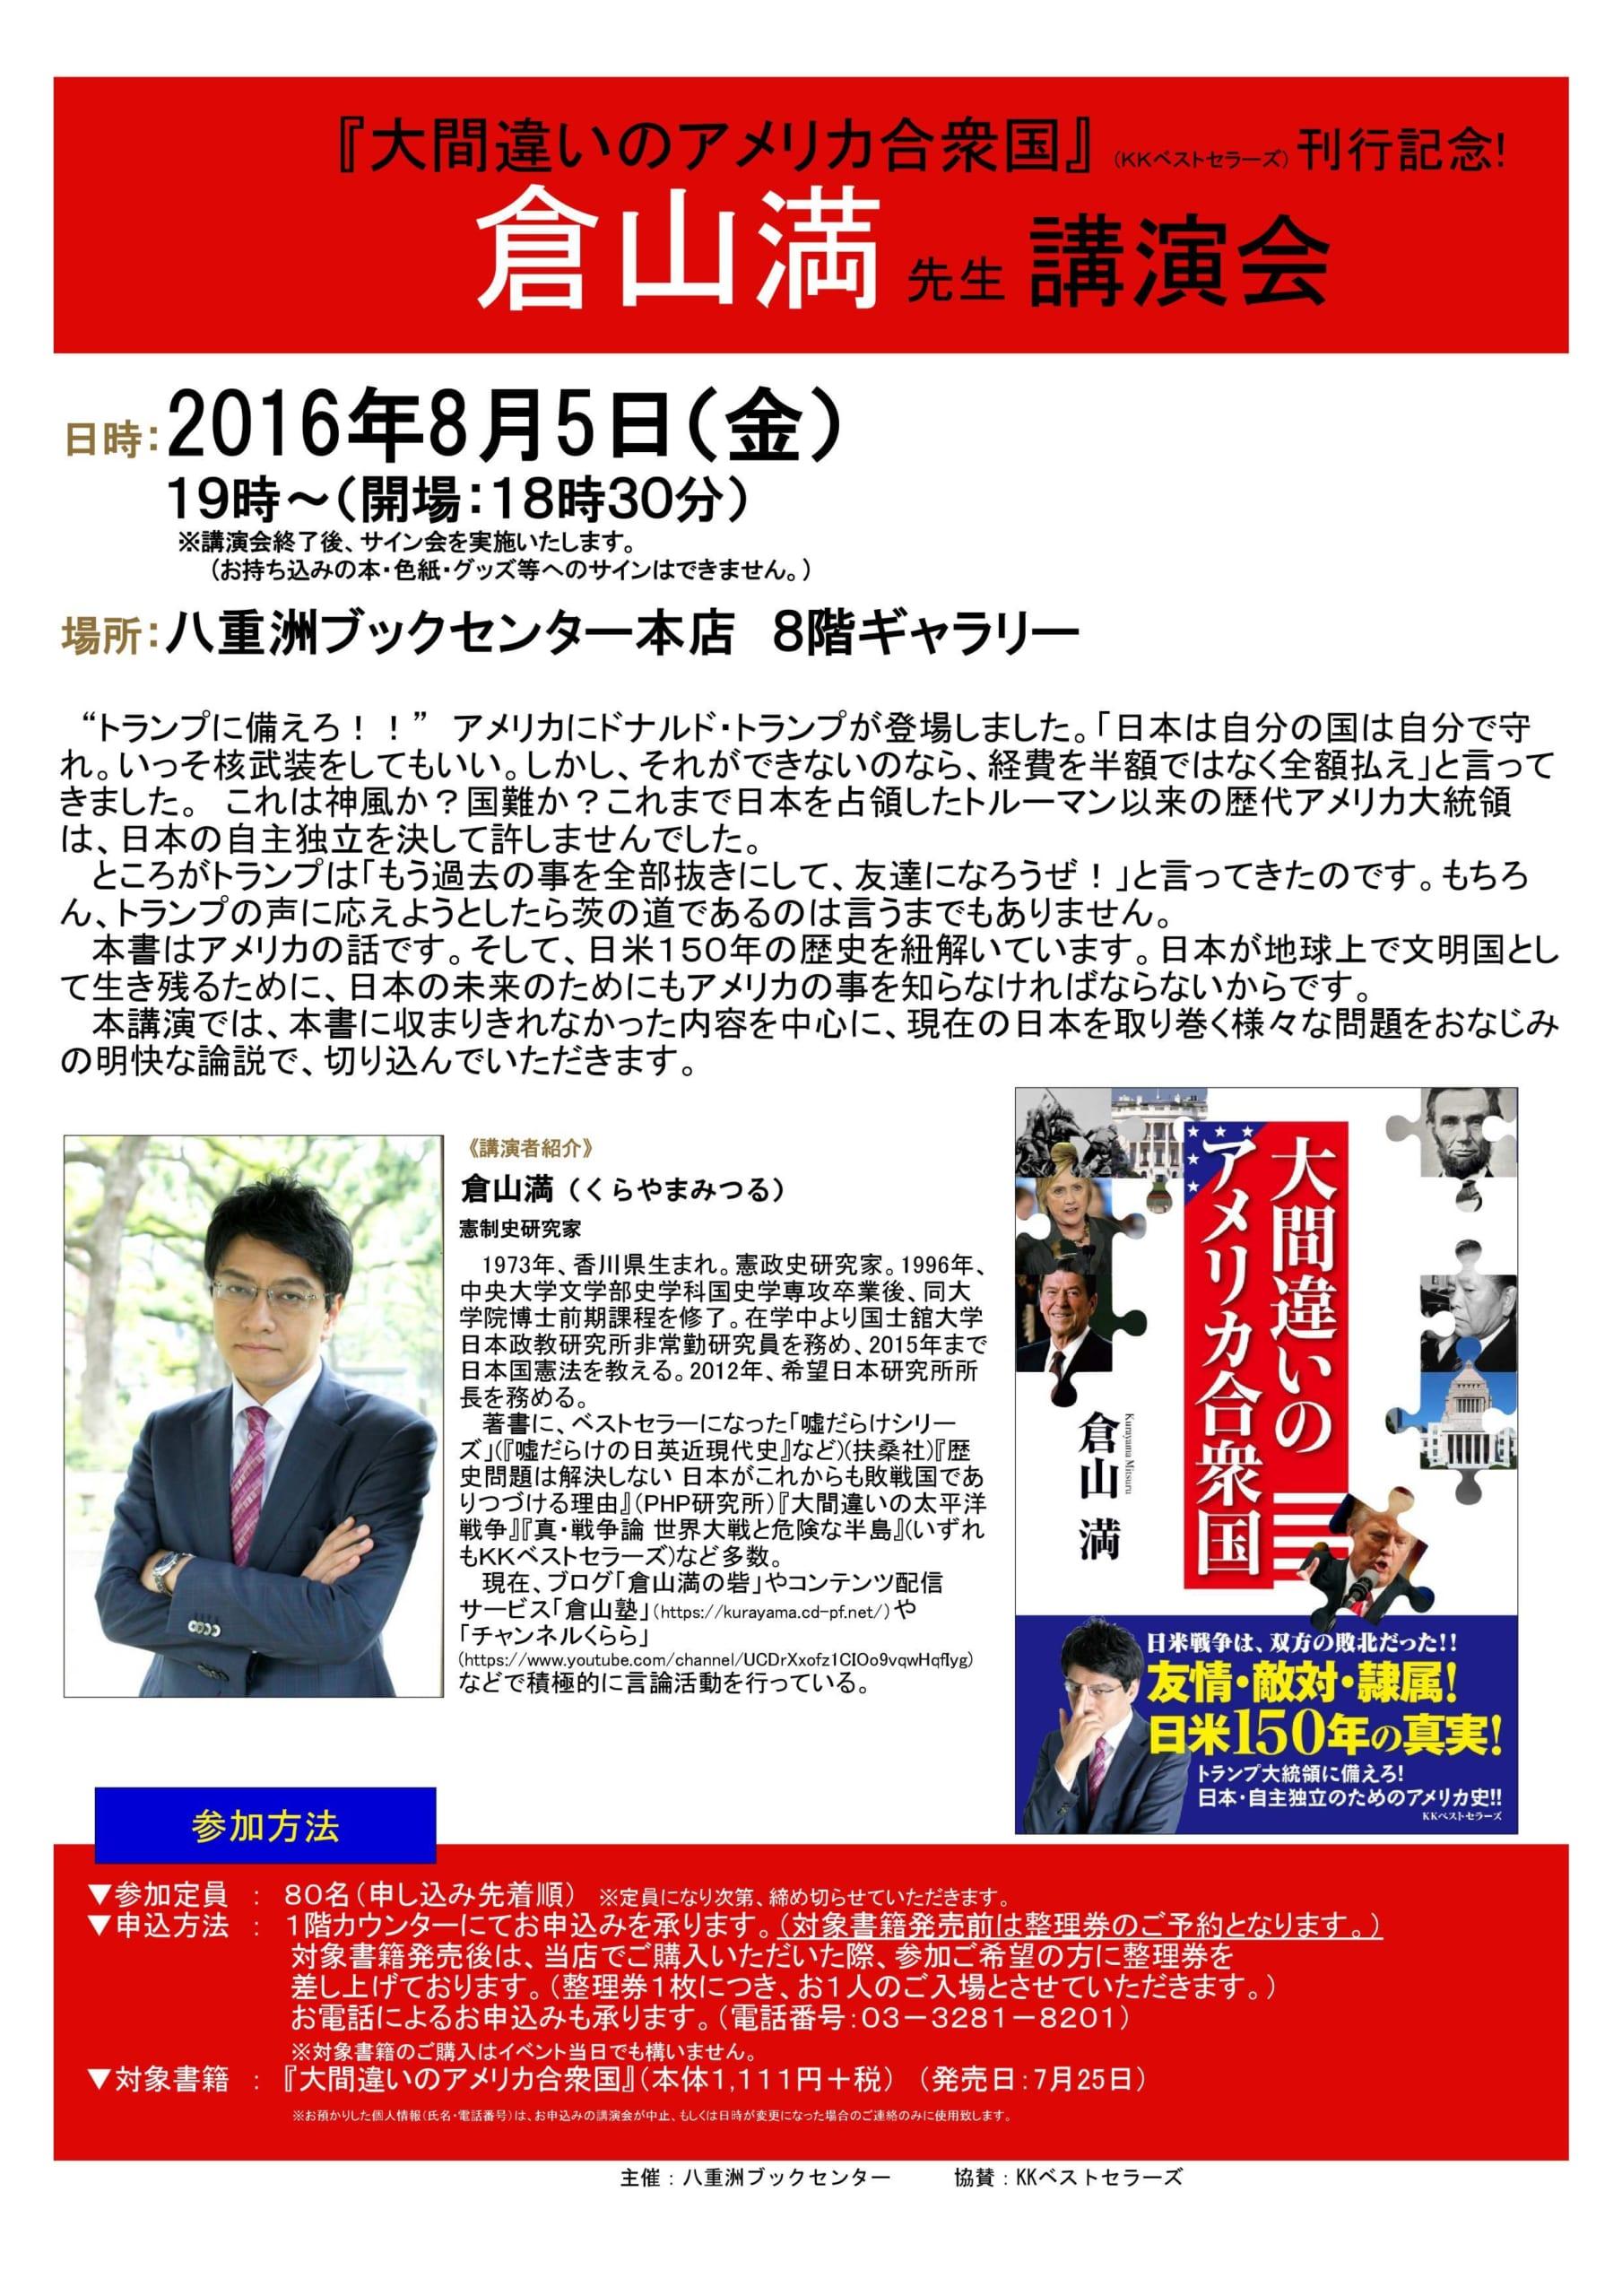 倉山満『大間違いのアメリカ合衆国』刊行記念イベント開催決定